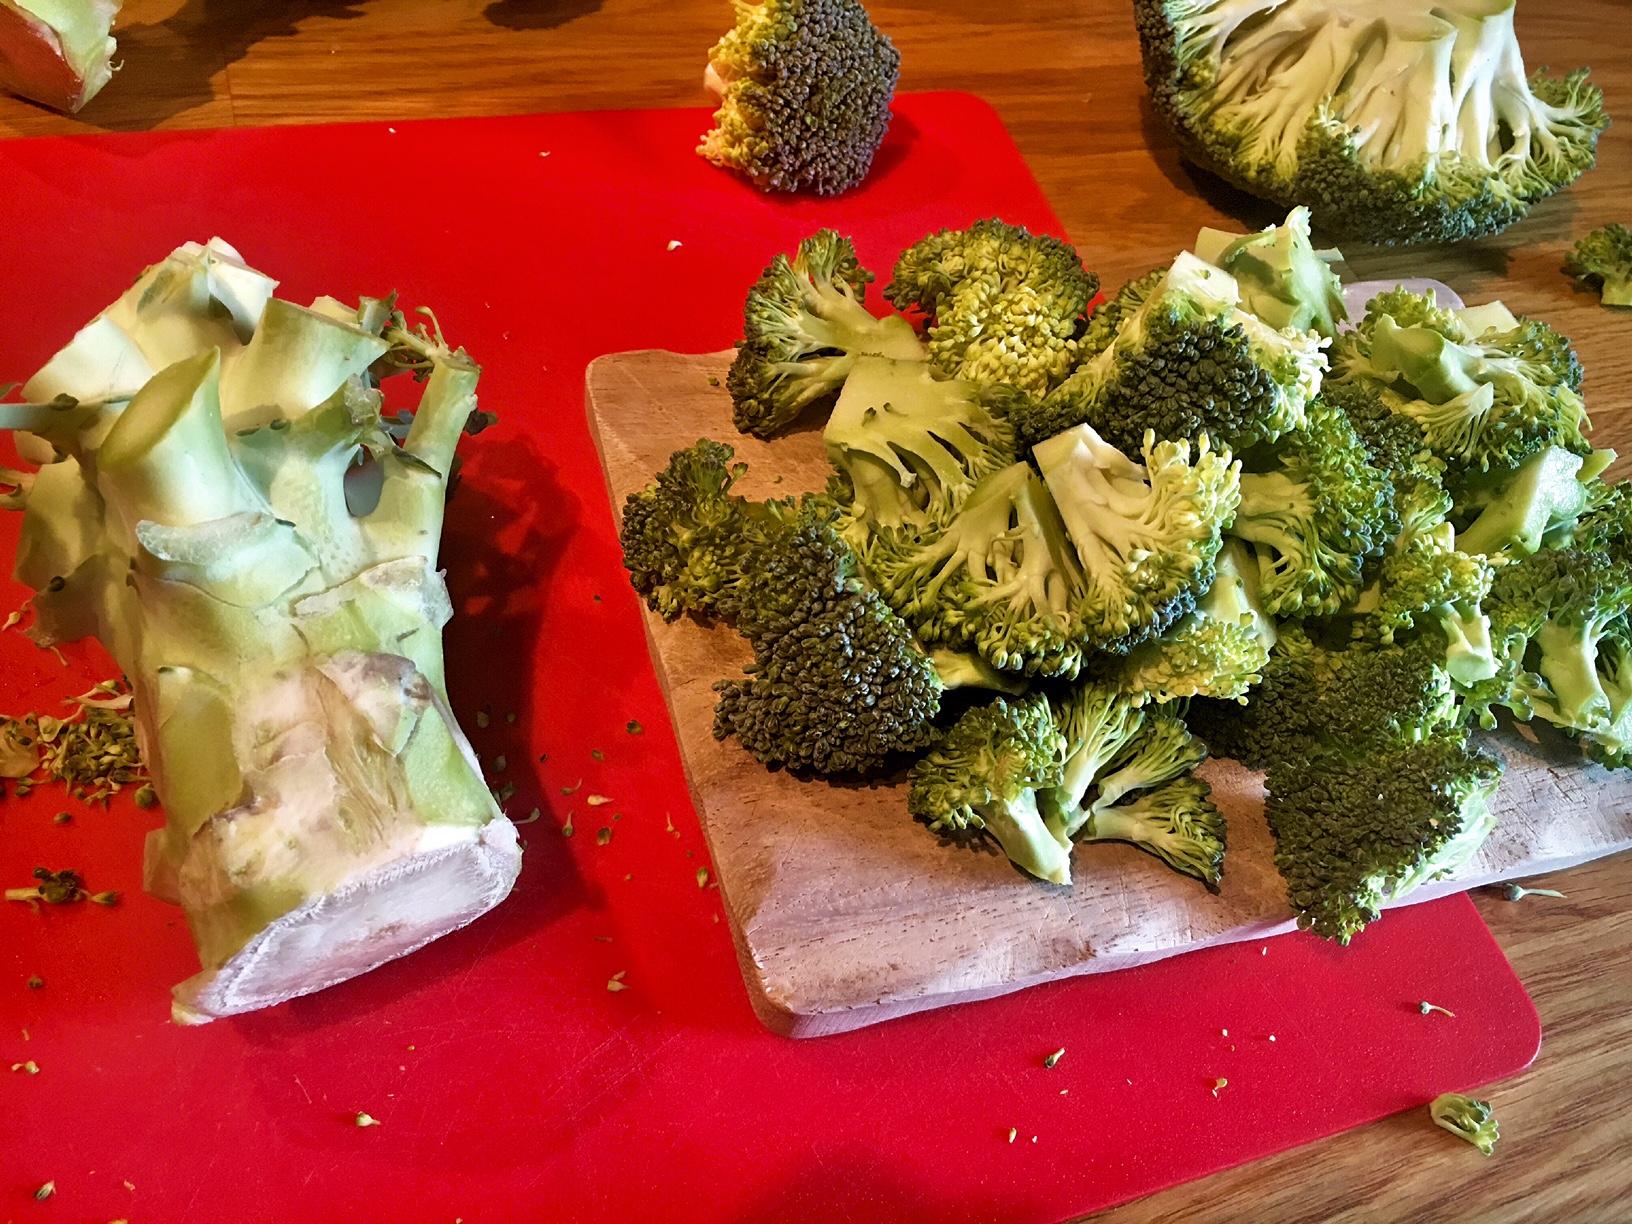 brokkoli zitronen pasta aus dem spiralschneider kochbuchempfehlung. Black Bedroom Furniture Sets. Home Design Ideas